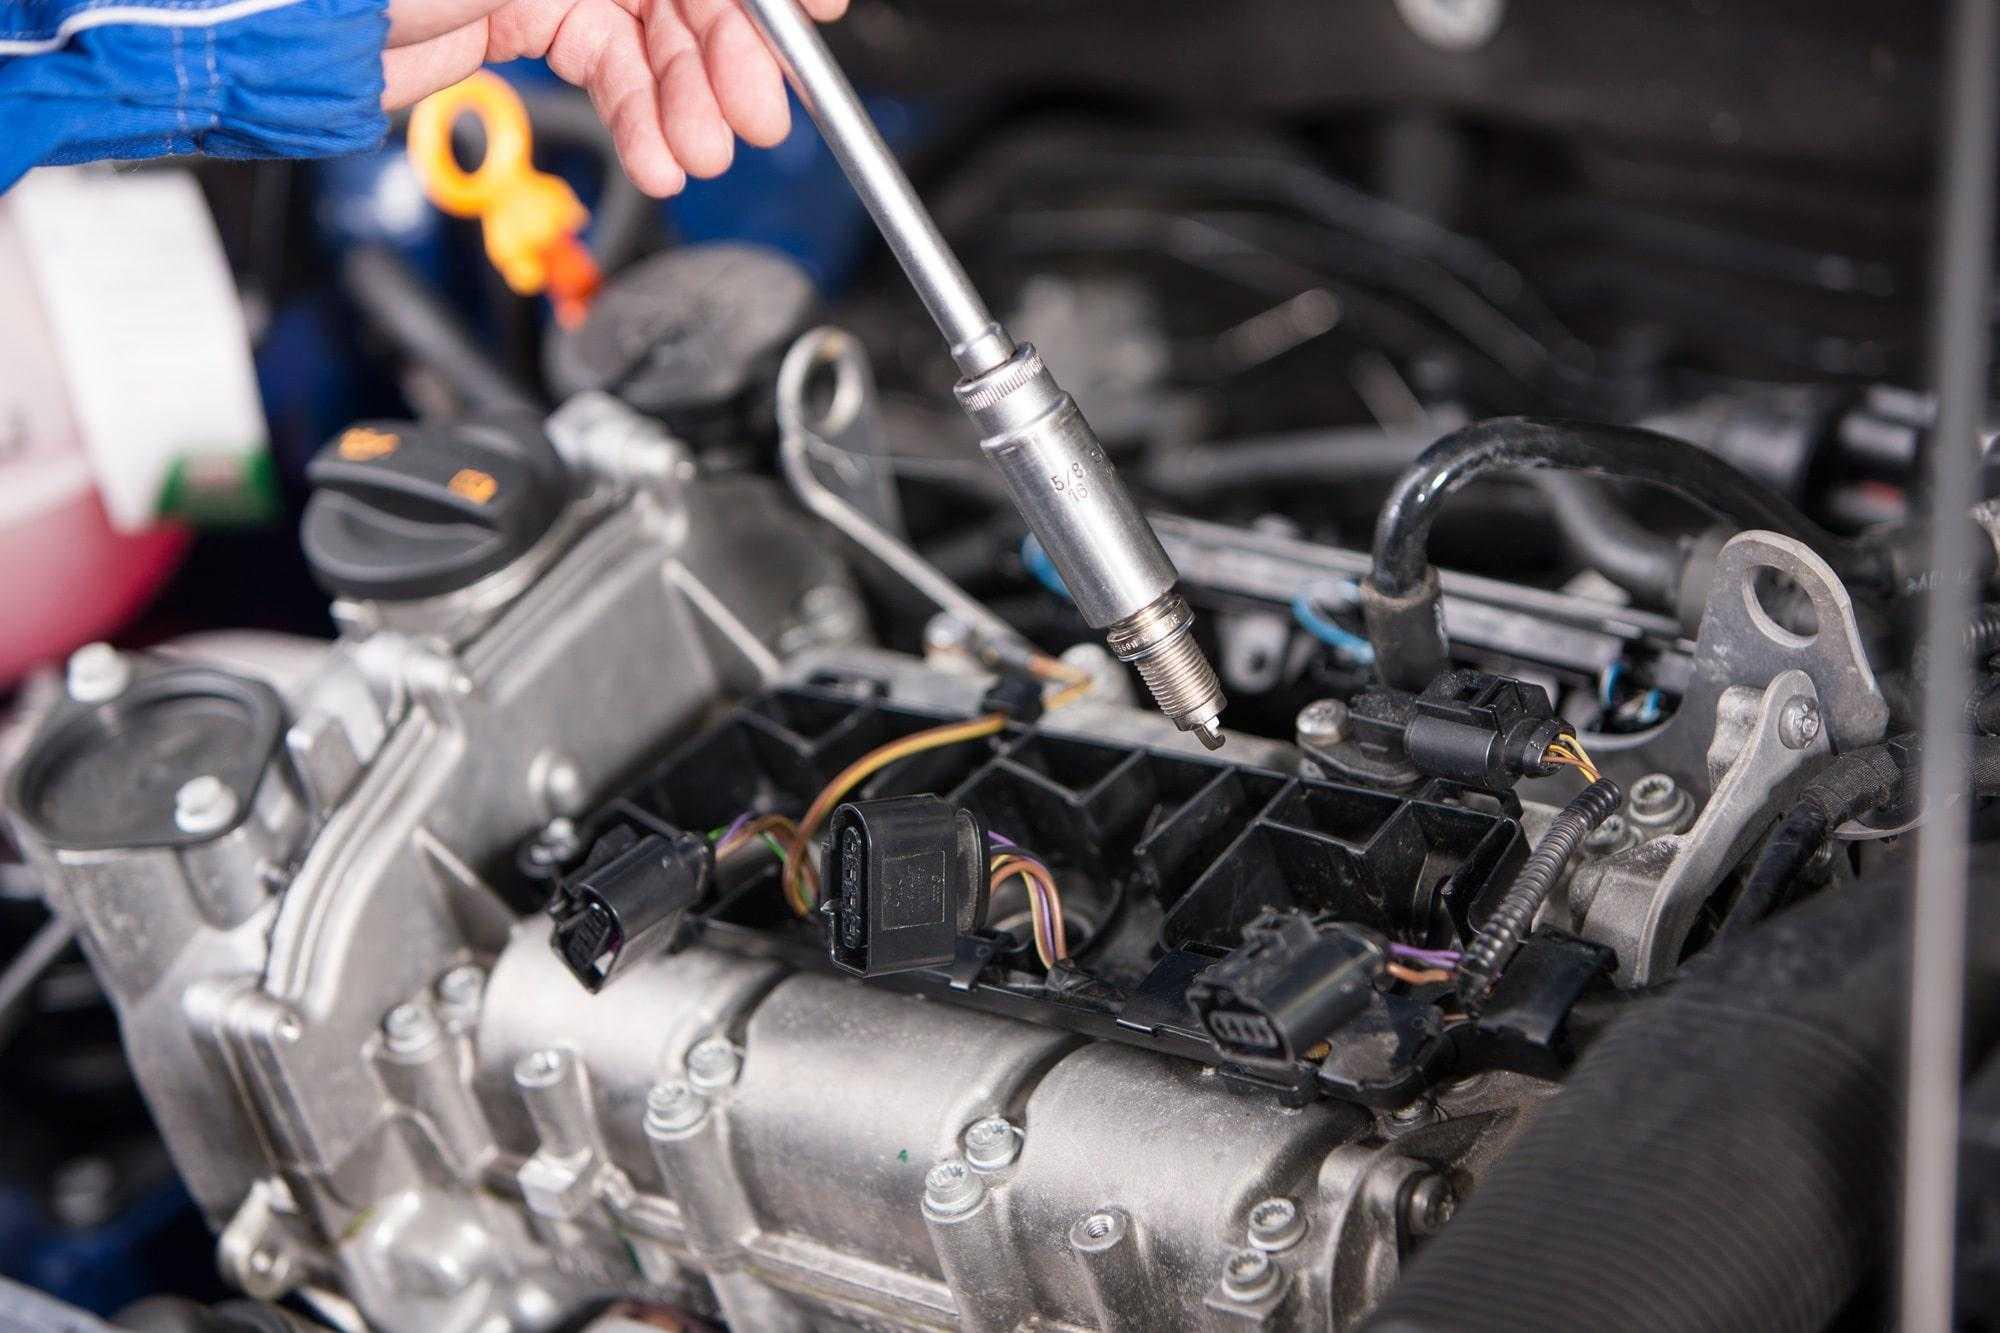 Ремонт дизельных двигателей: самостоятельный и при помощи профессионалов